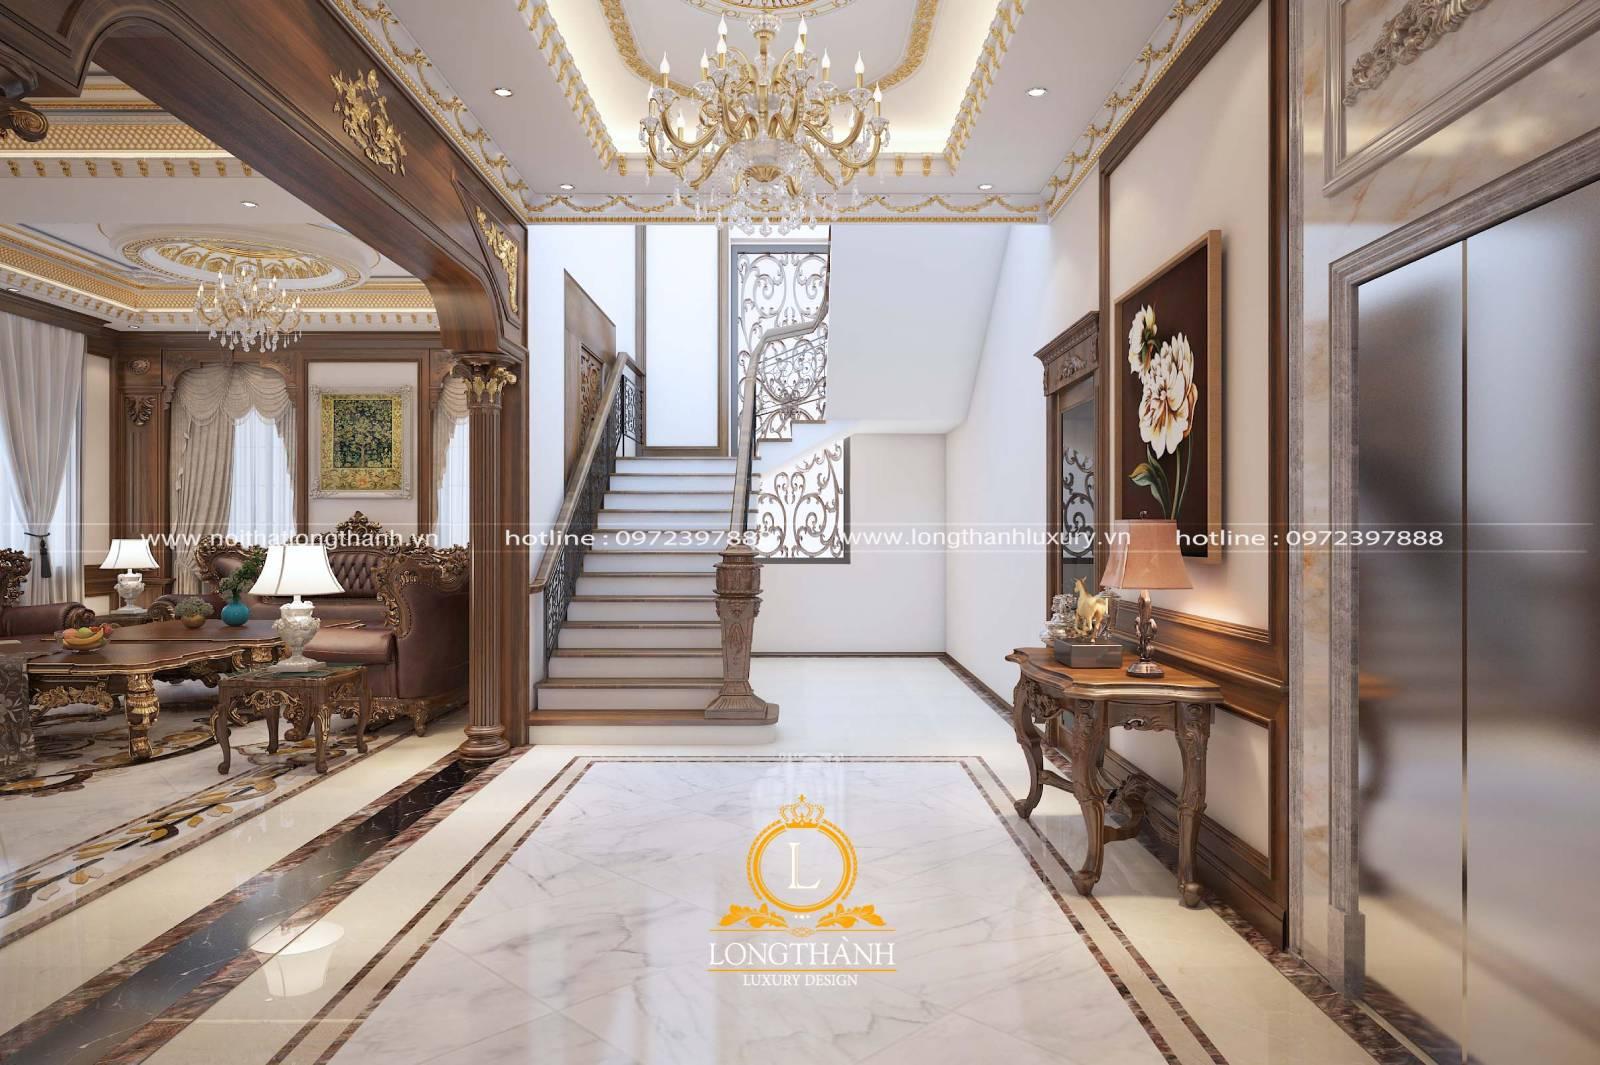 3 mẫu nội thất phòng khách tân cầu điển có cầu thang đẹp nhất